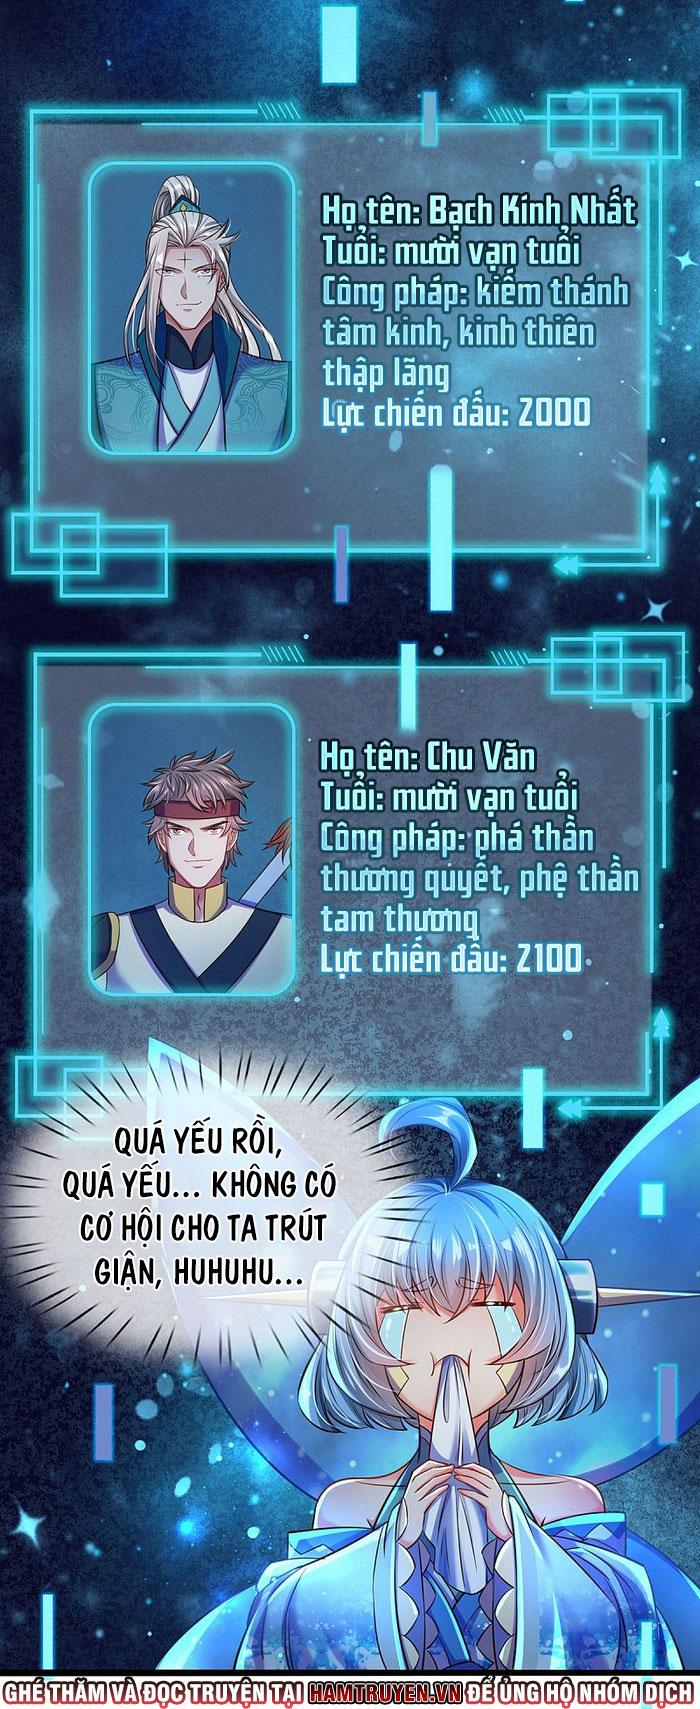 ĐẠI MA HOÀNG THƯỜNG NGÀY PHIỀN NÃO Chapter 12 - upload bởi truyensieuhay.com